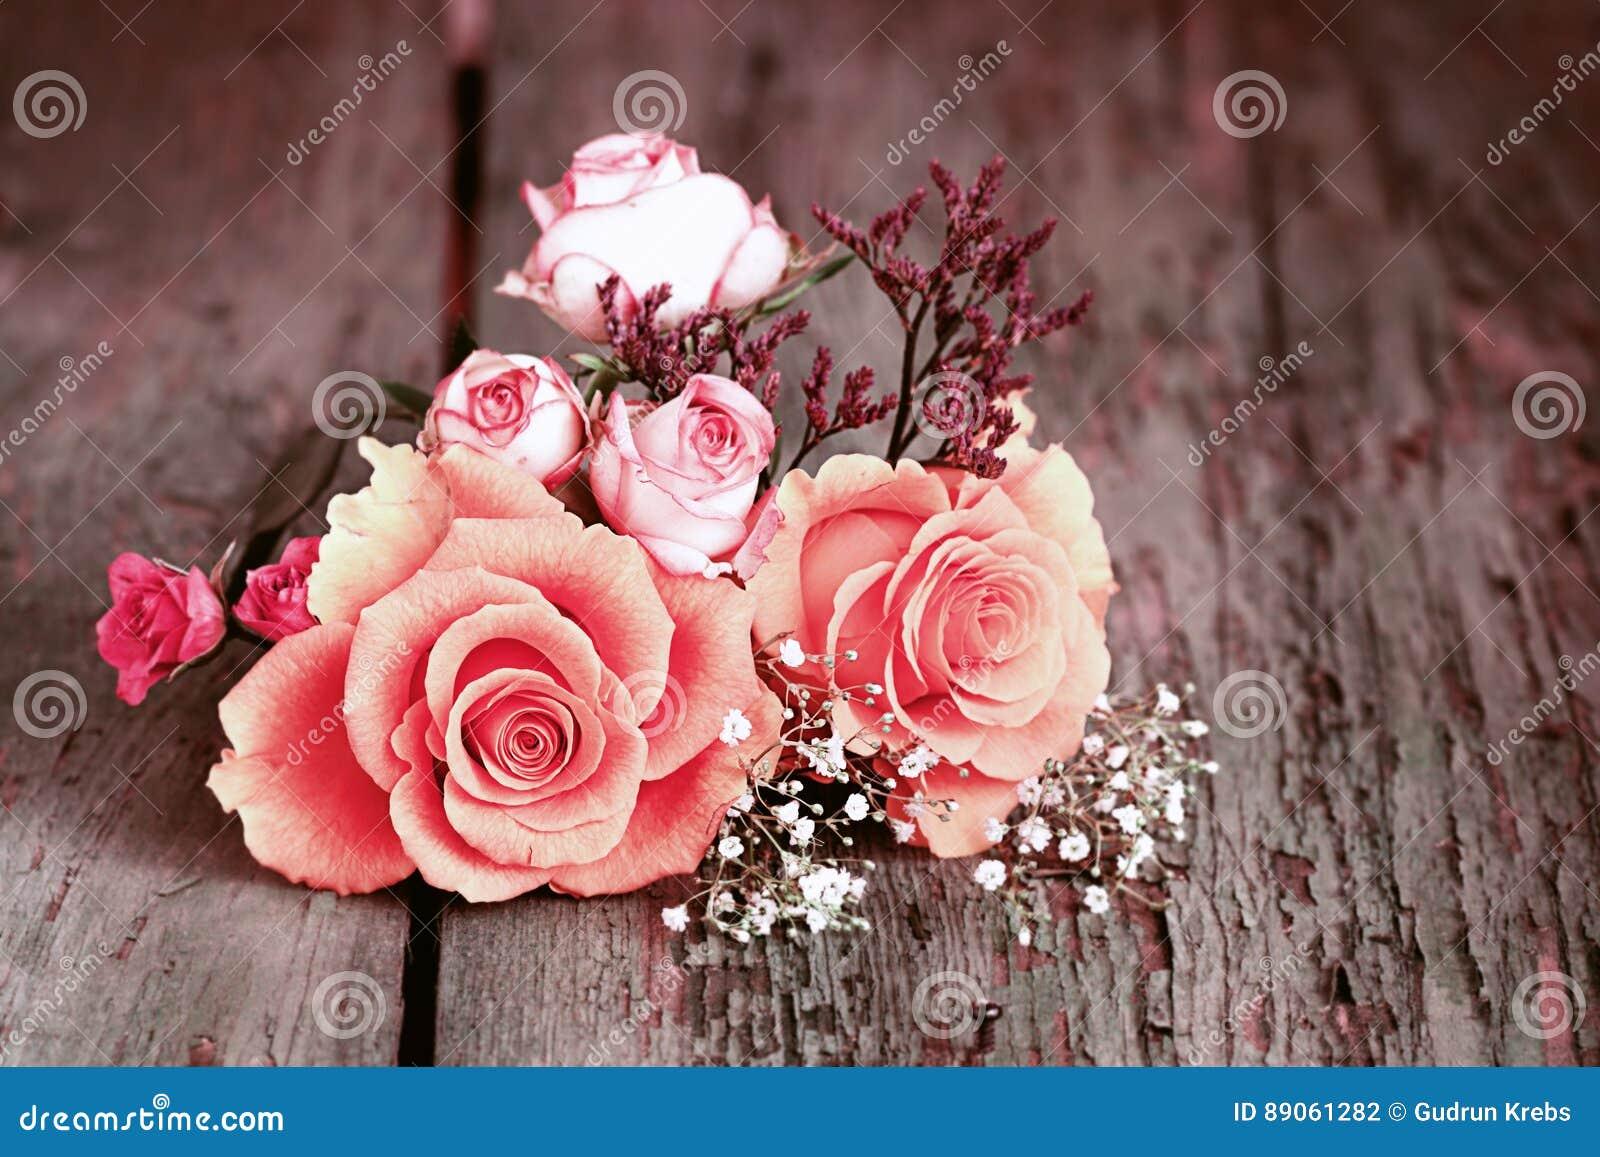 aca087c98405c2 La Vie Toujours Avec Des Roses Dans Le Style Chic Minable Photo ...